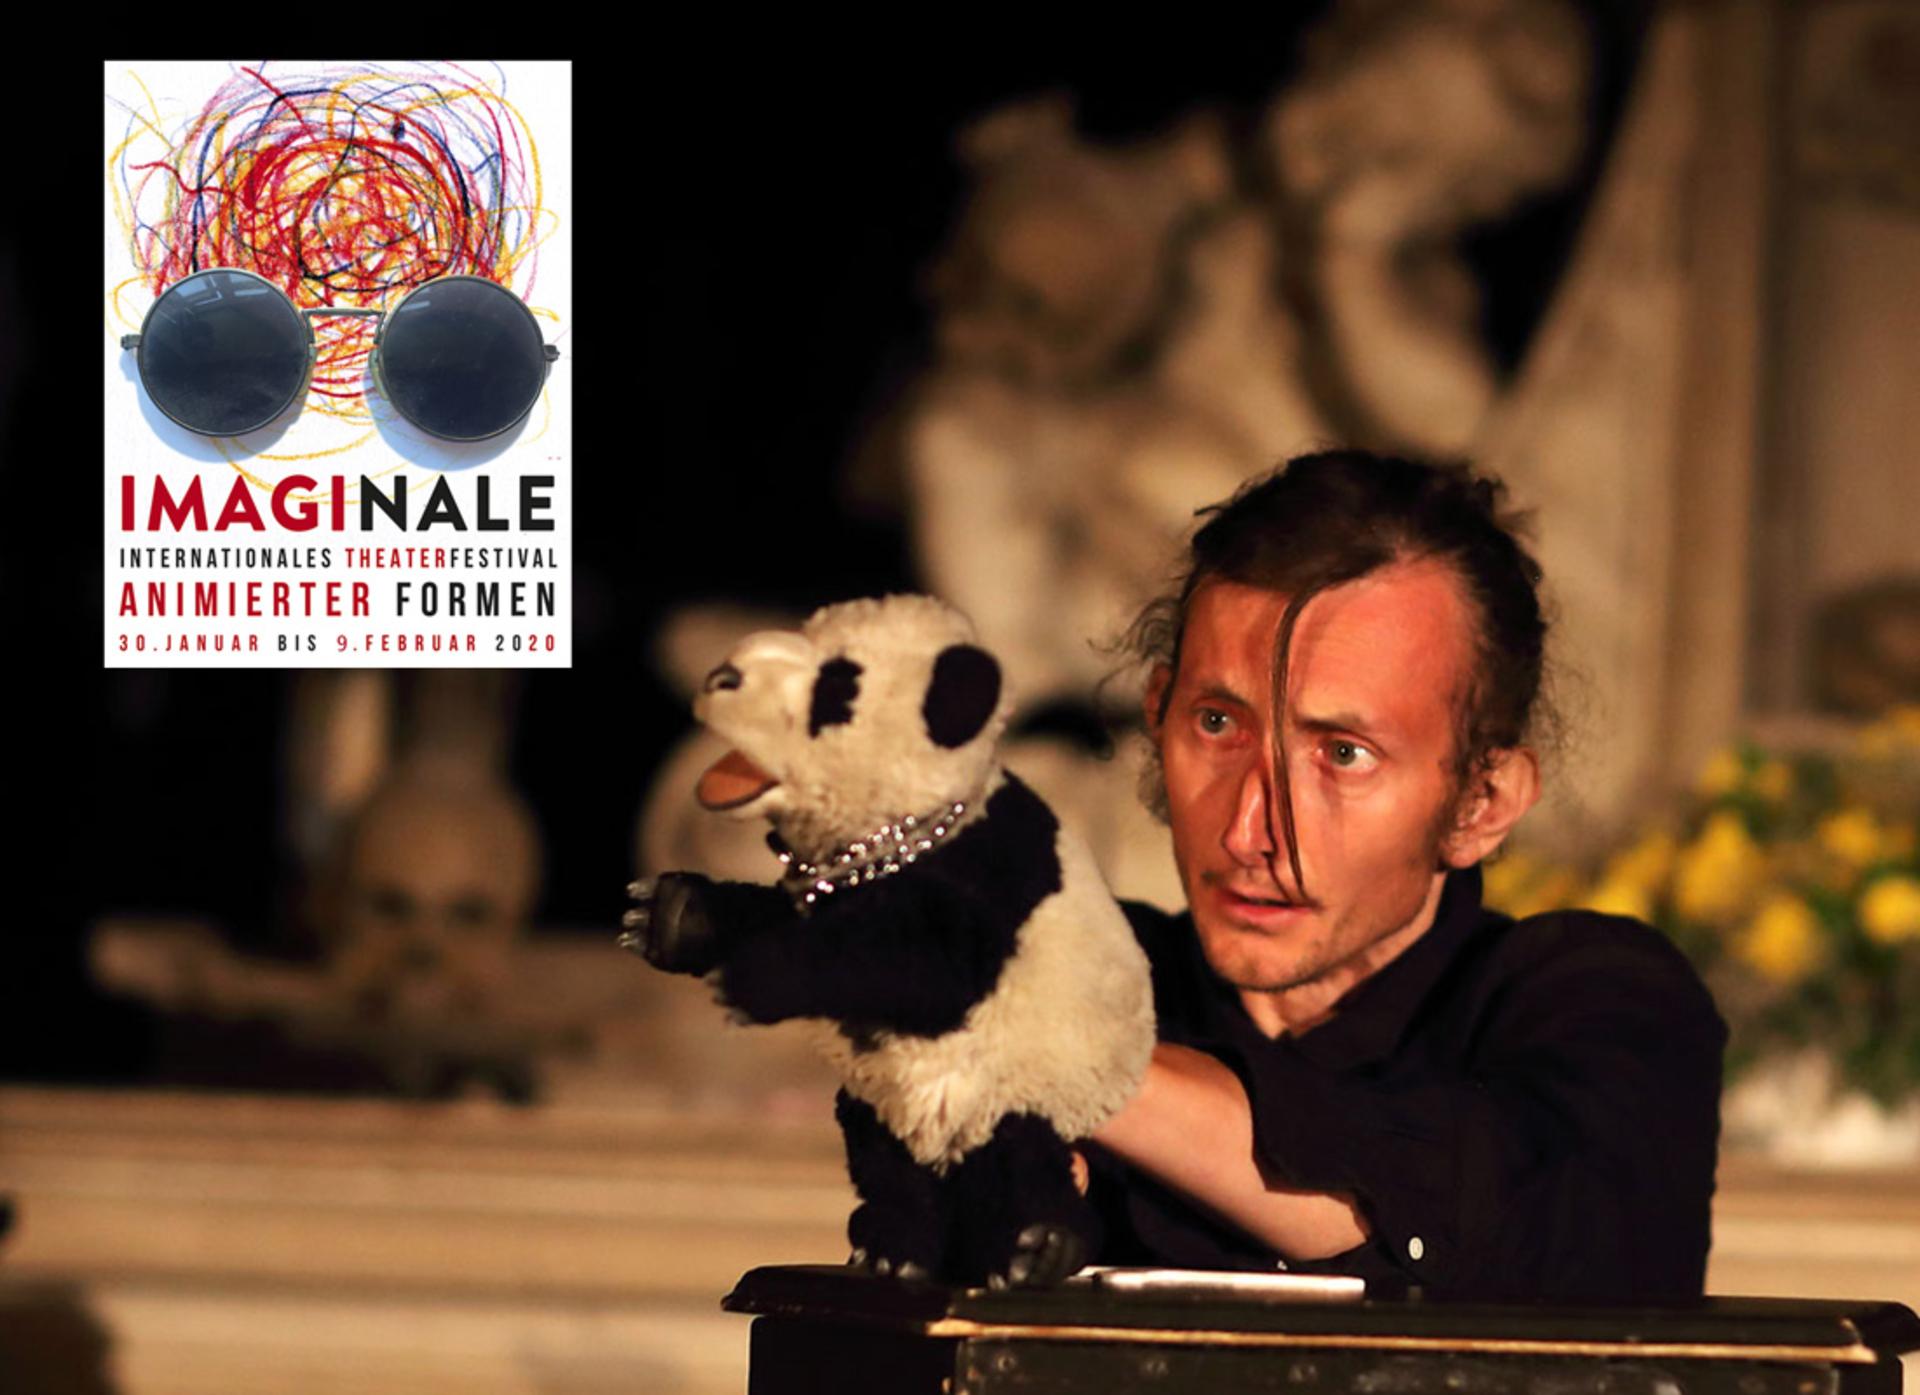 ▷ Doppelprogramm: Josy / Happy Bones - IMAGINALE 2020 - Eppingen.org